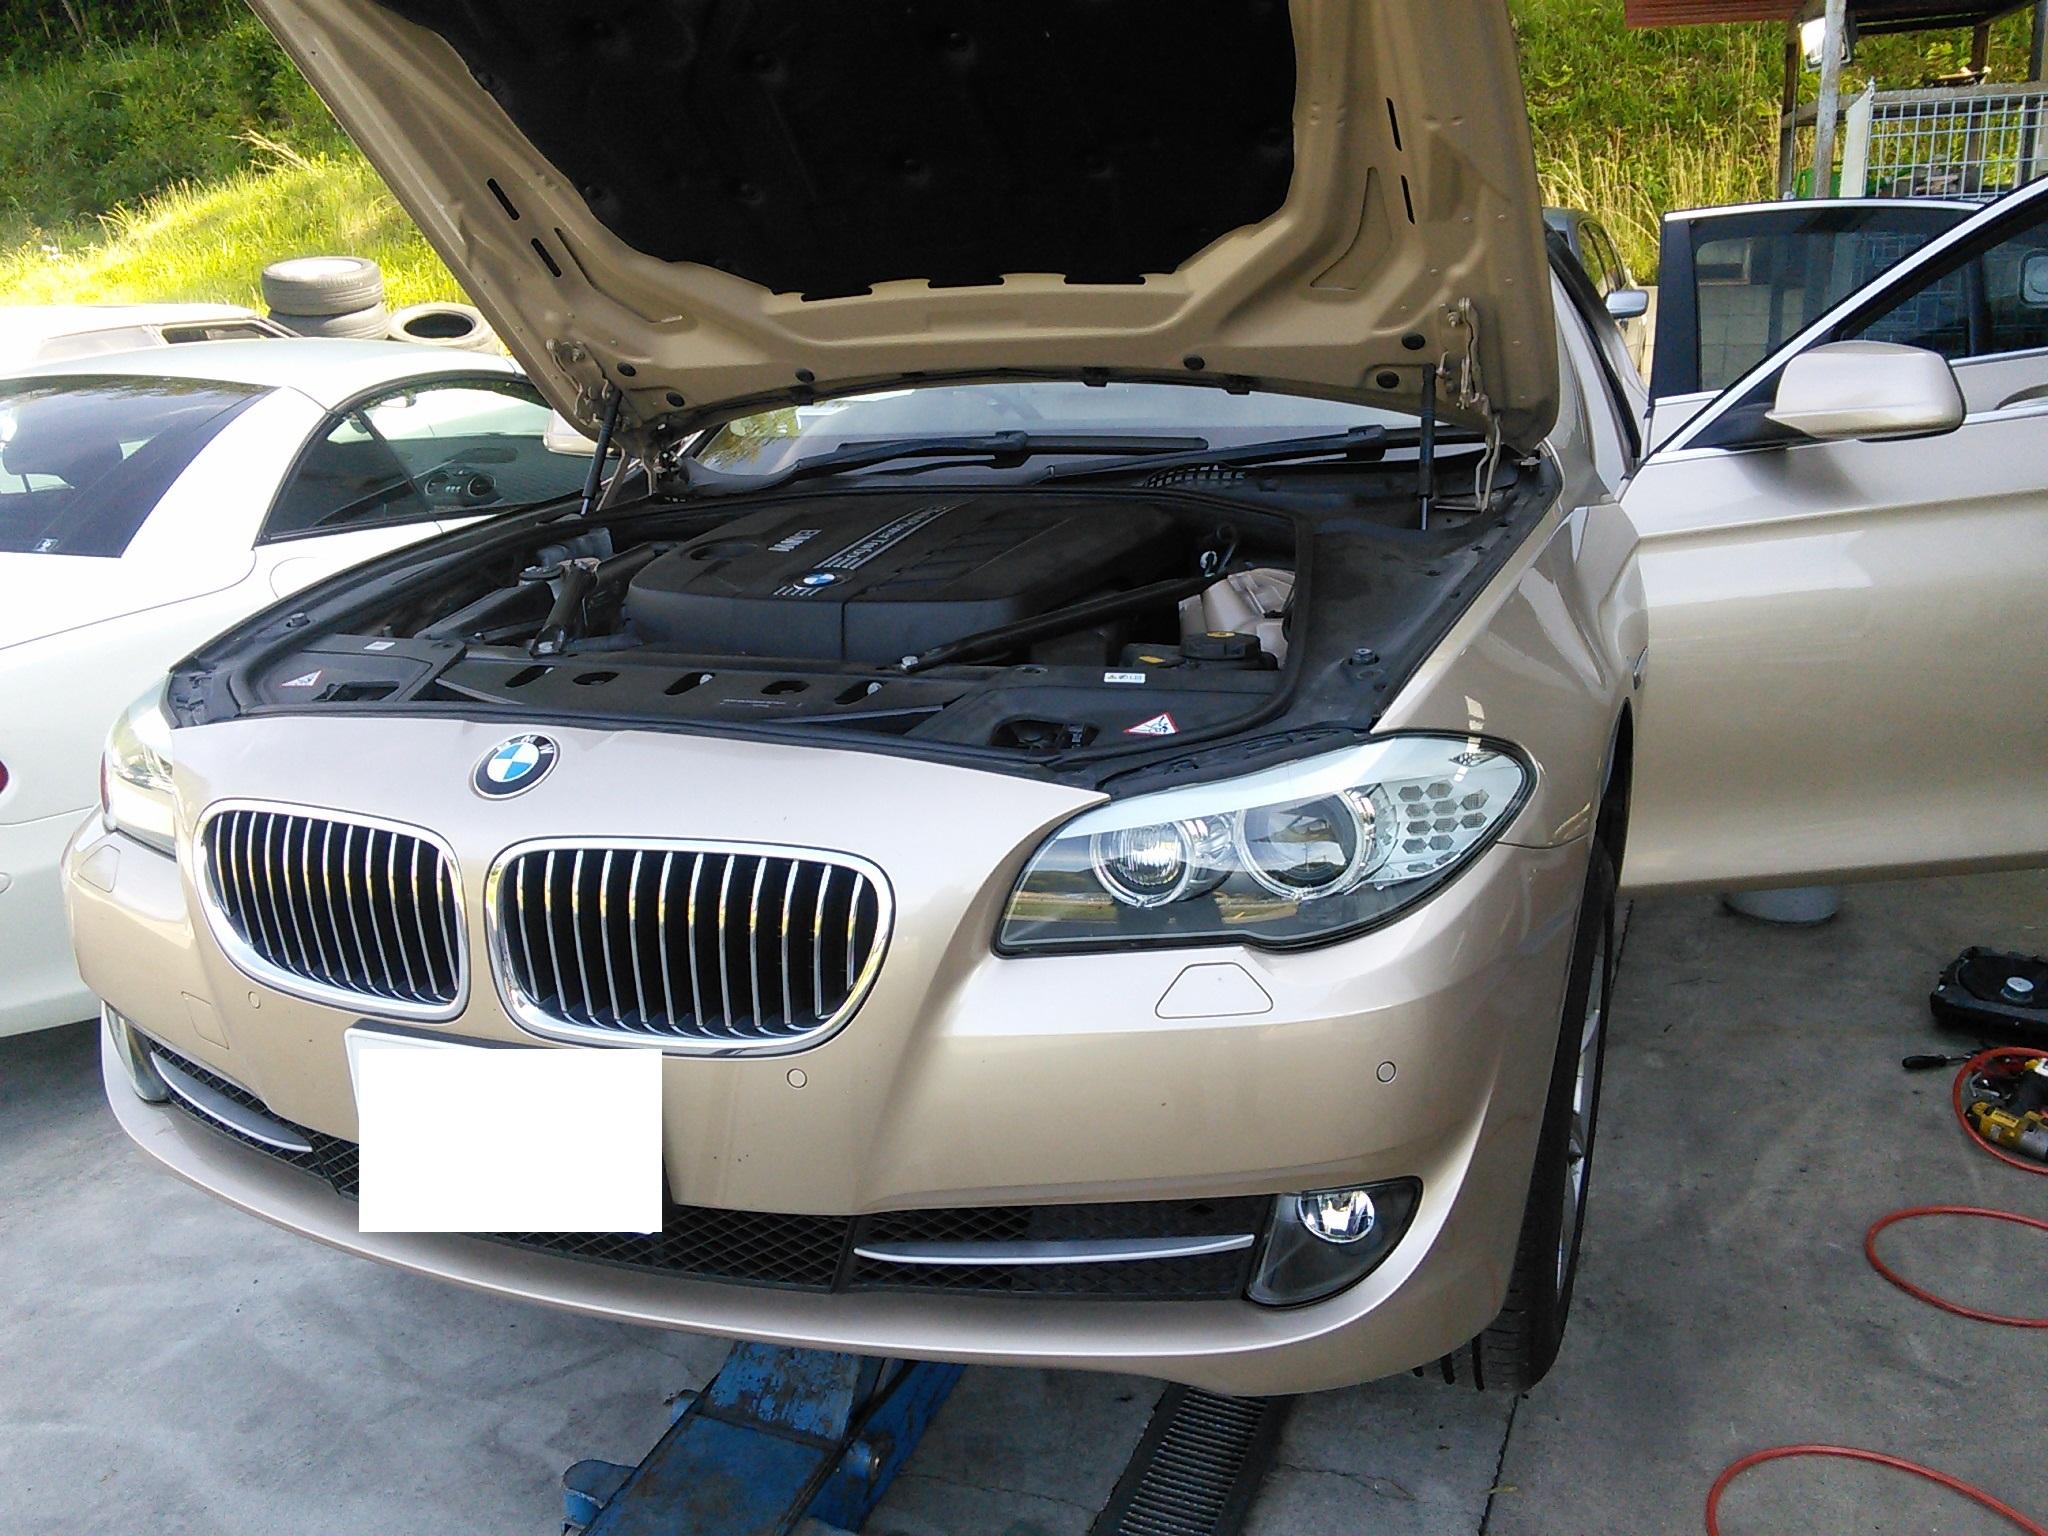 BMW F10 アクティブステアリング異常 雨漏れ事例